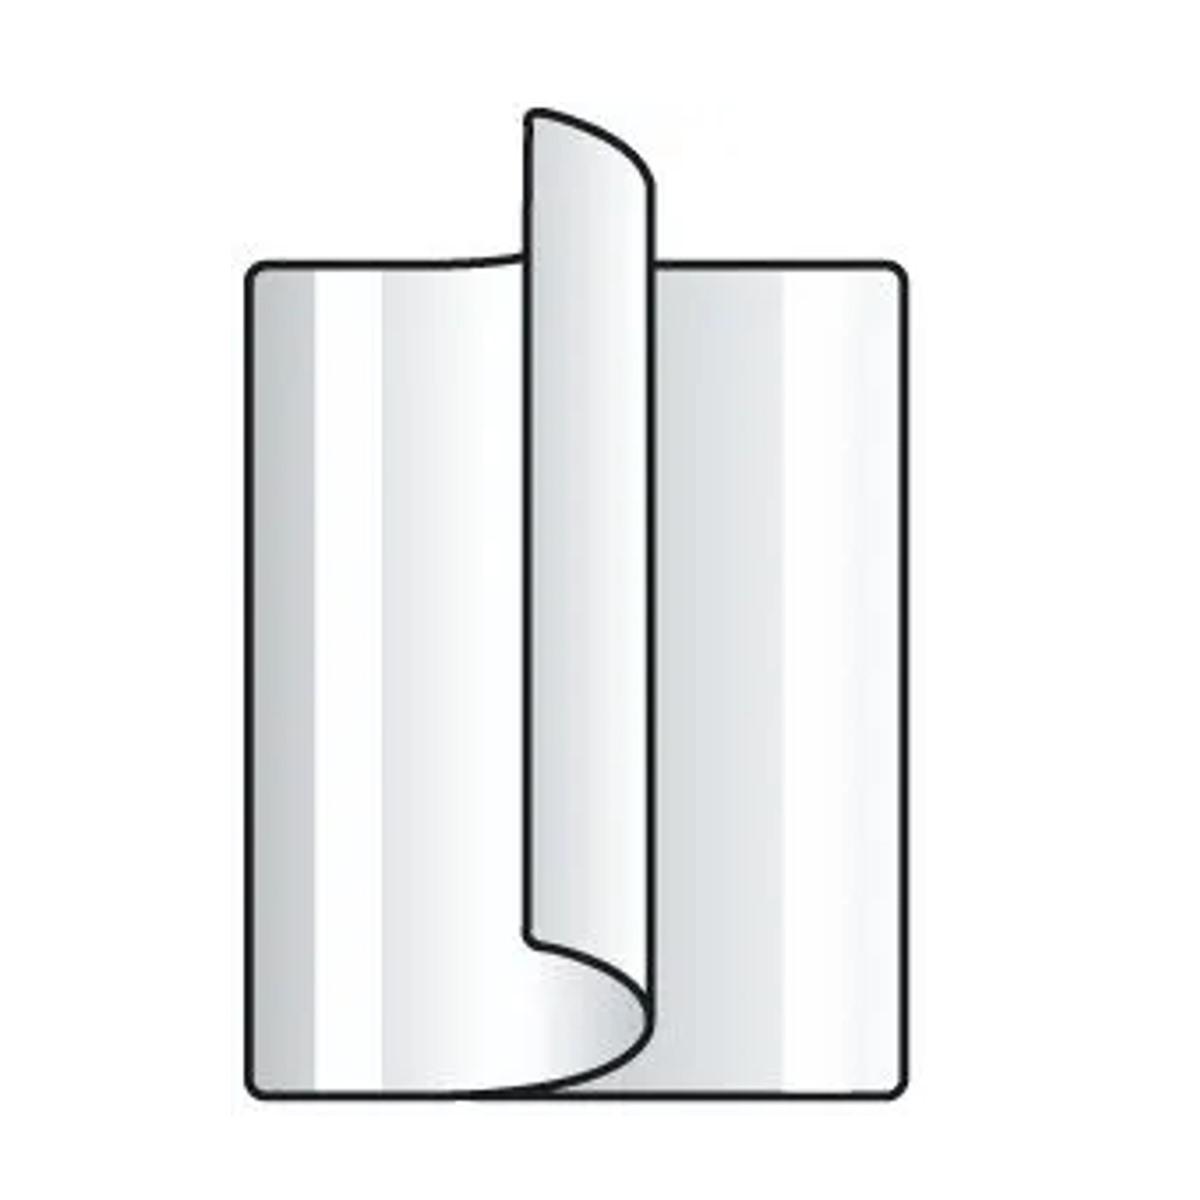 Lâmina Para Plastificação A Frio Tamanho A5 Caixa 50 Unidades